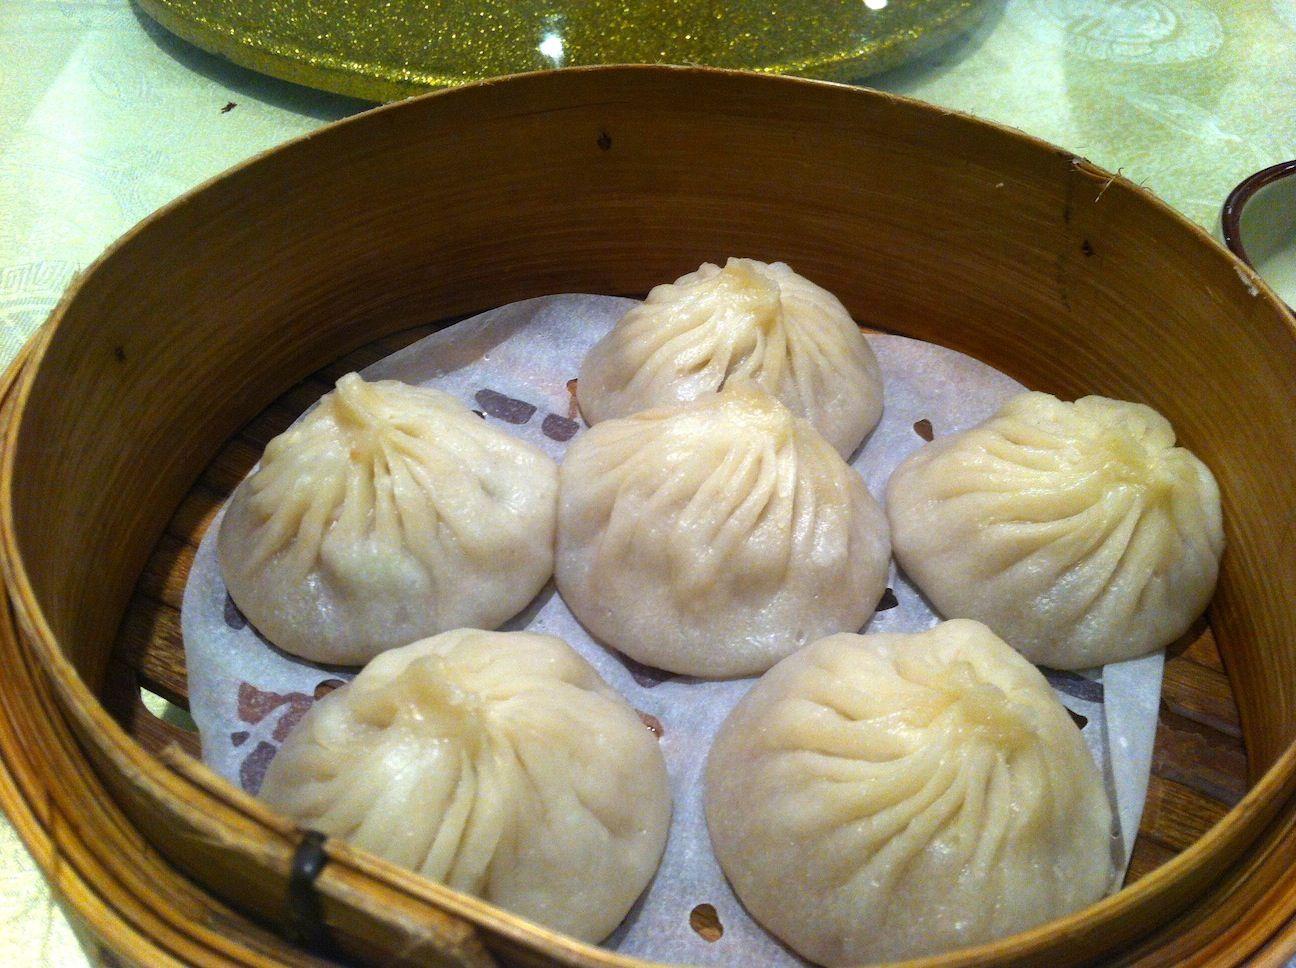 Esses são os famosos dumplings. São mais tradicionais de Cantão (sul da China). Mas tb é bem comum em Shanghai. No Yu Gardens (ou Yu Yuan - ver 'Lugares') eles oferecem os que são considerados uns dos melhores dumplings da cidade.